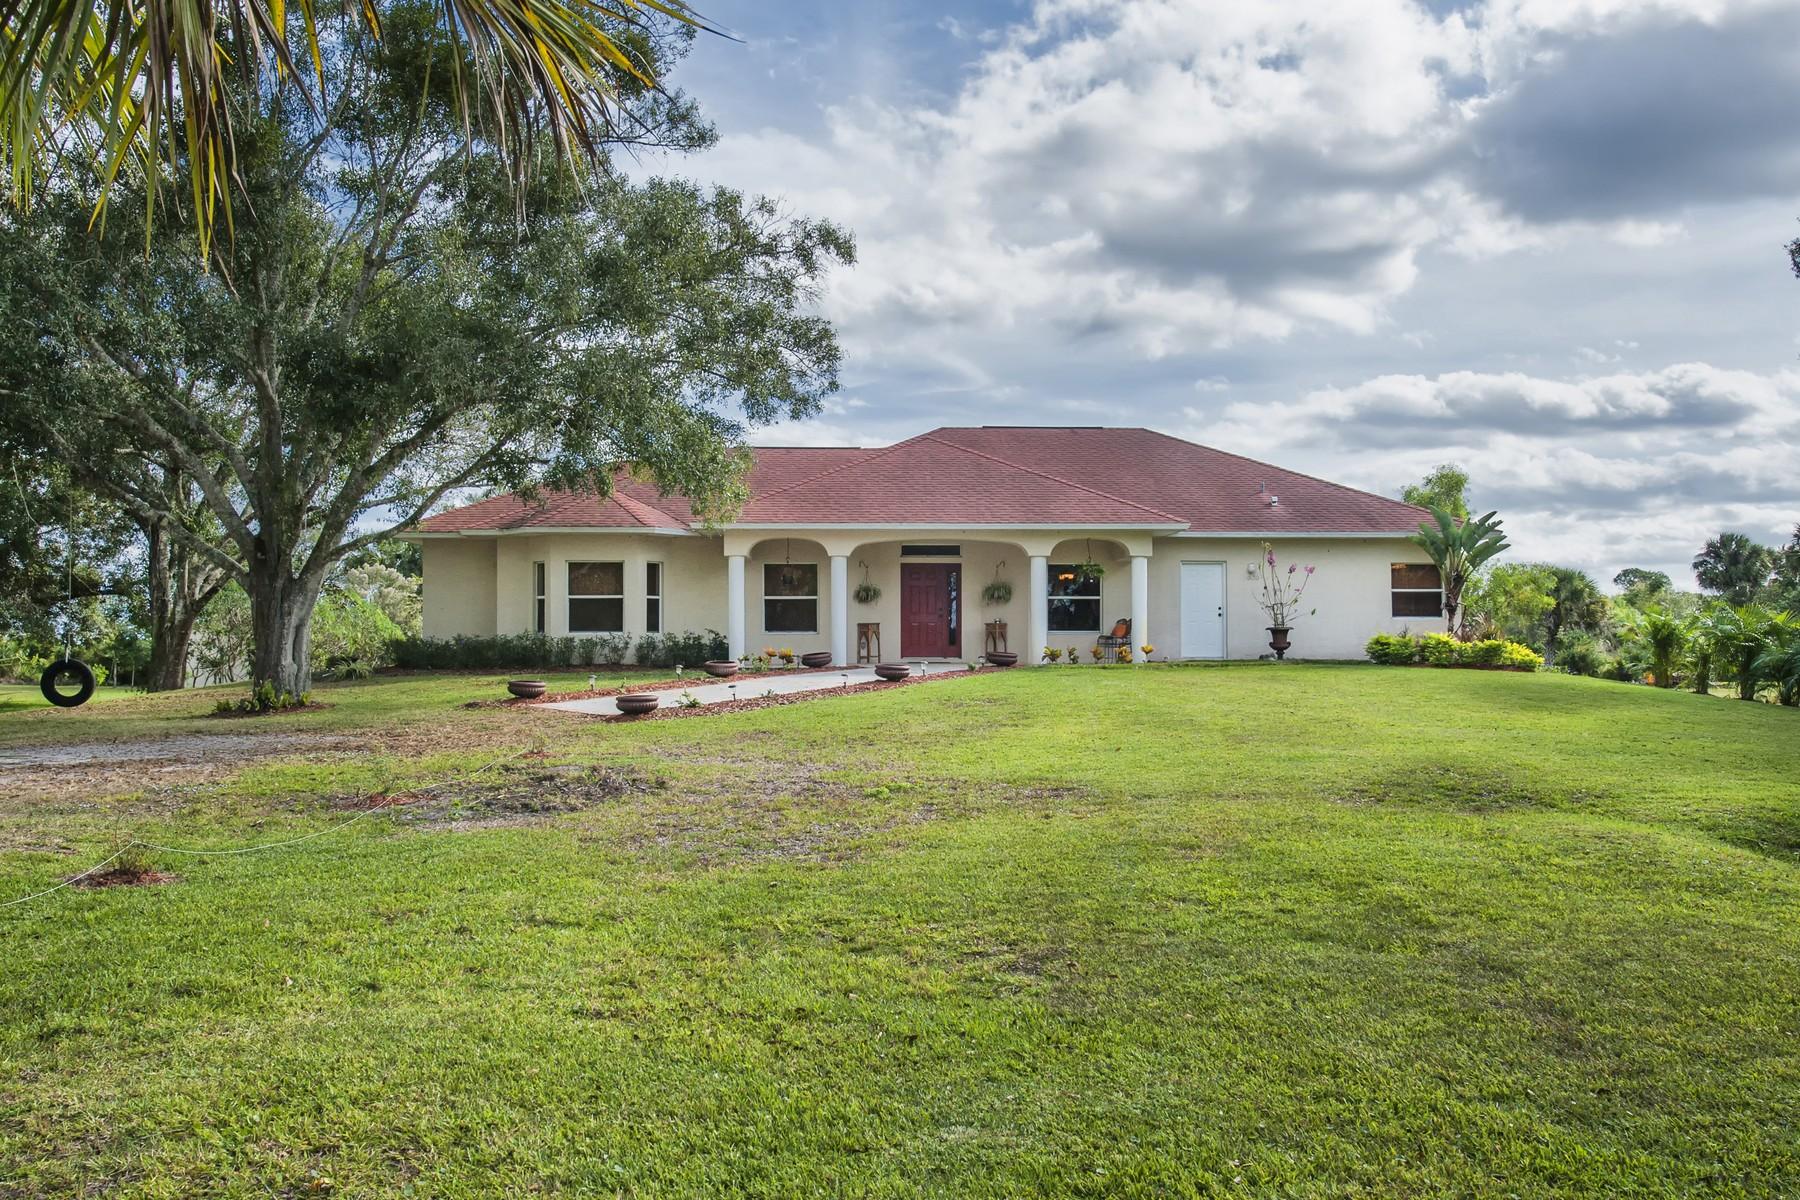 단독 가정 주택 용 매매 에 Delightful Country Home with Guest House 1020 66th Avenue Vero Beach, 플로리다 32966 미국